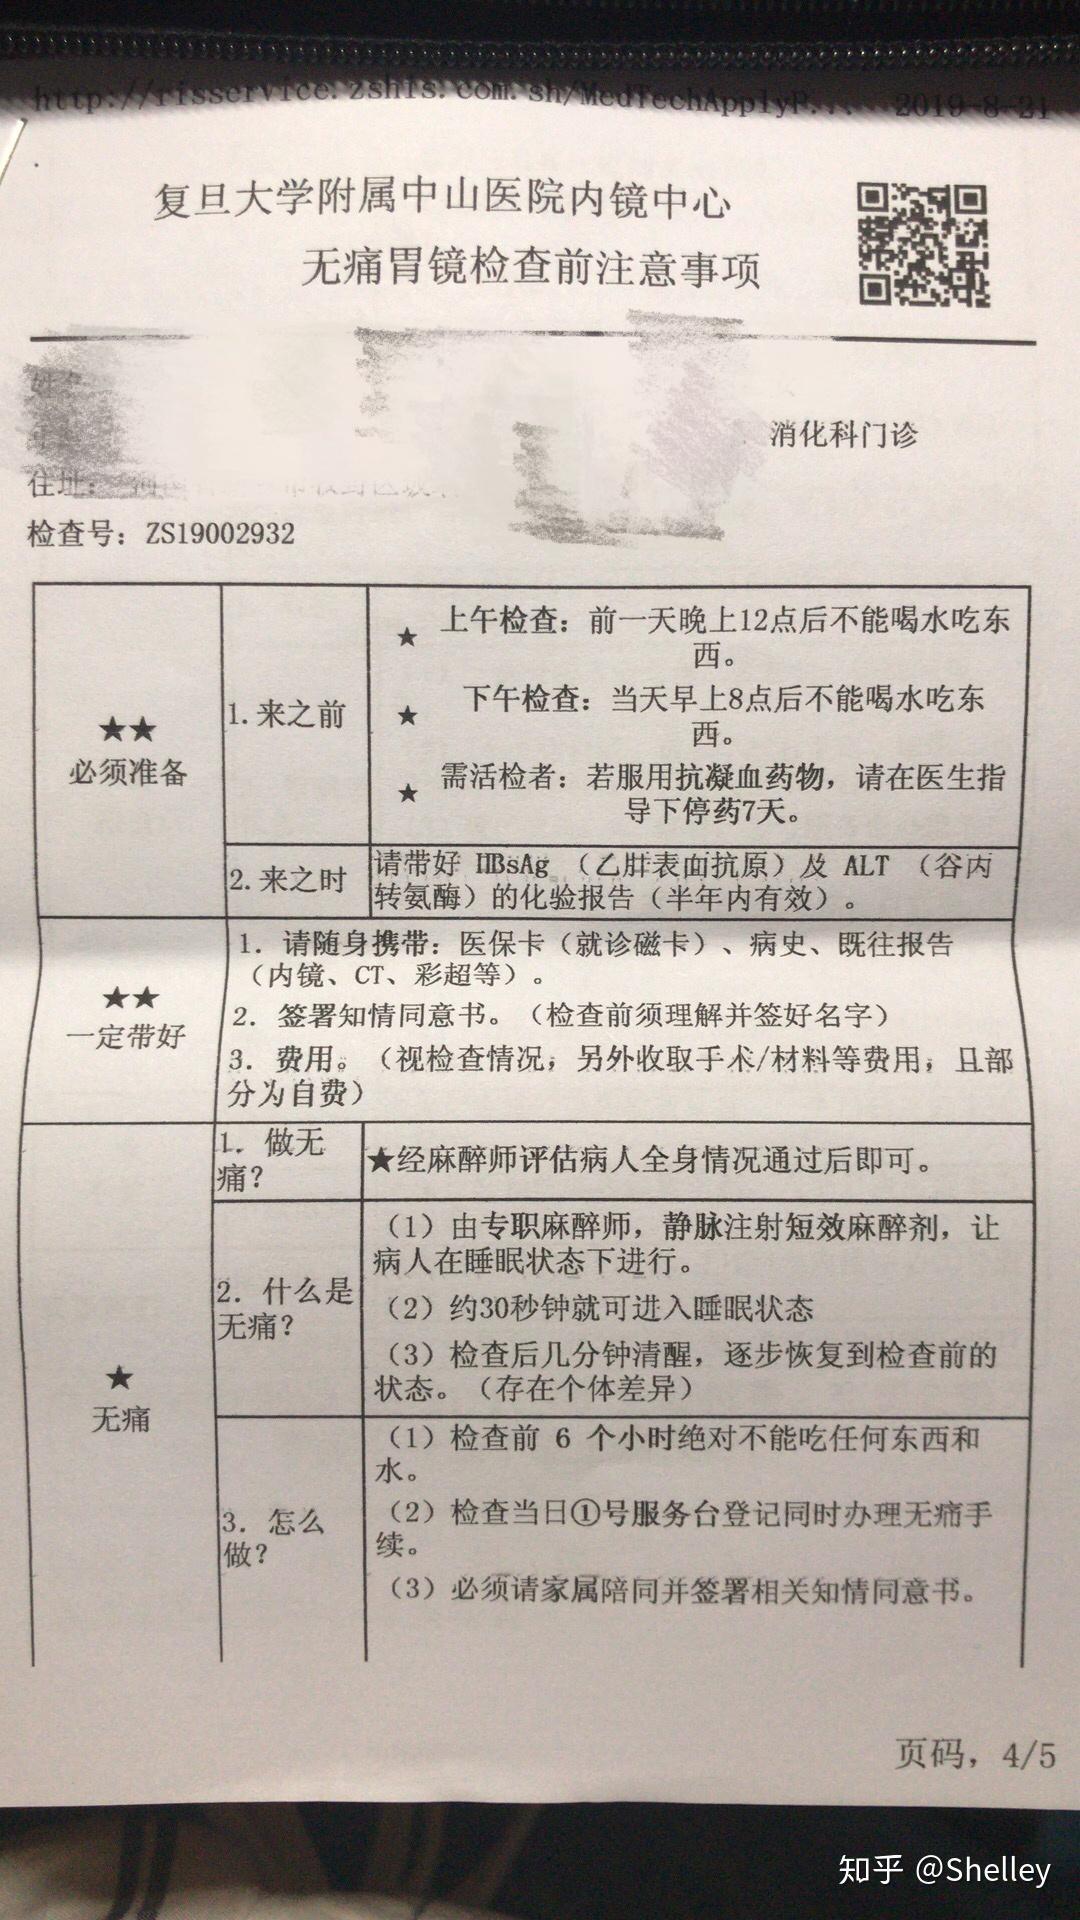 上海无痛胃镜_上海中山医院无痛胃镜全记录20190822 - 知乎